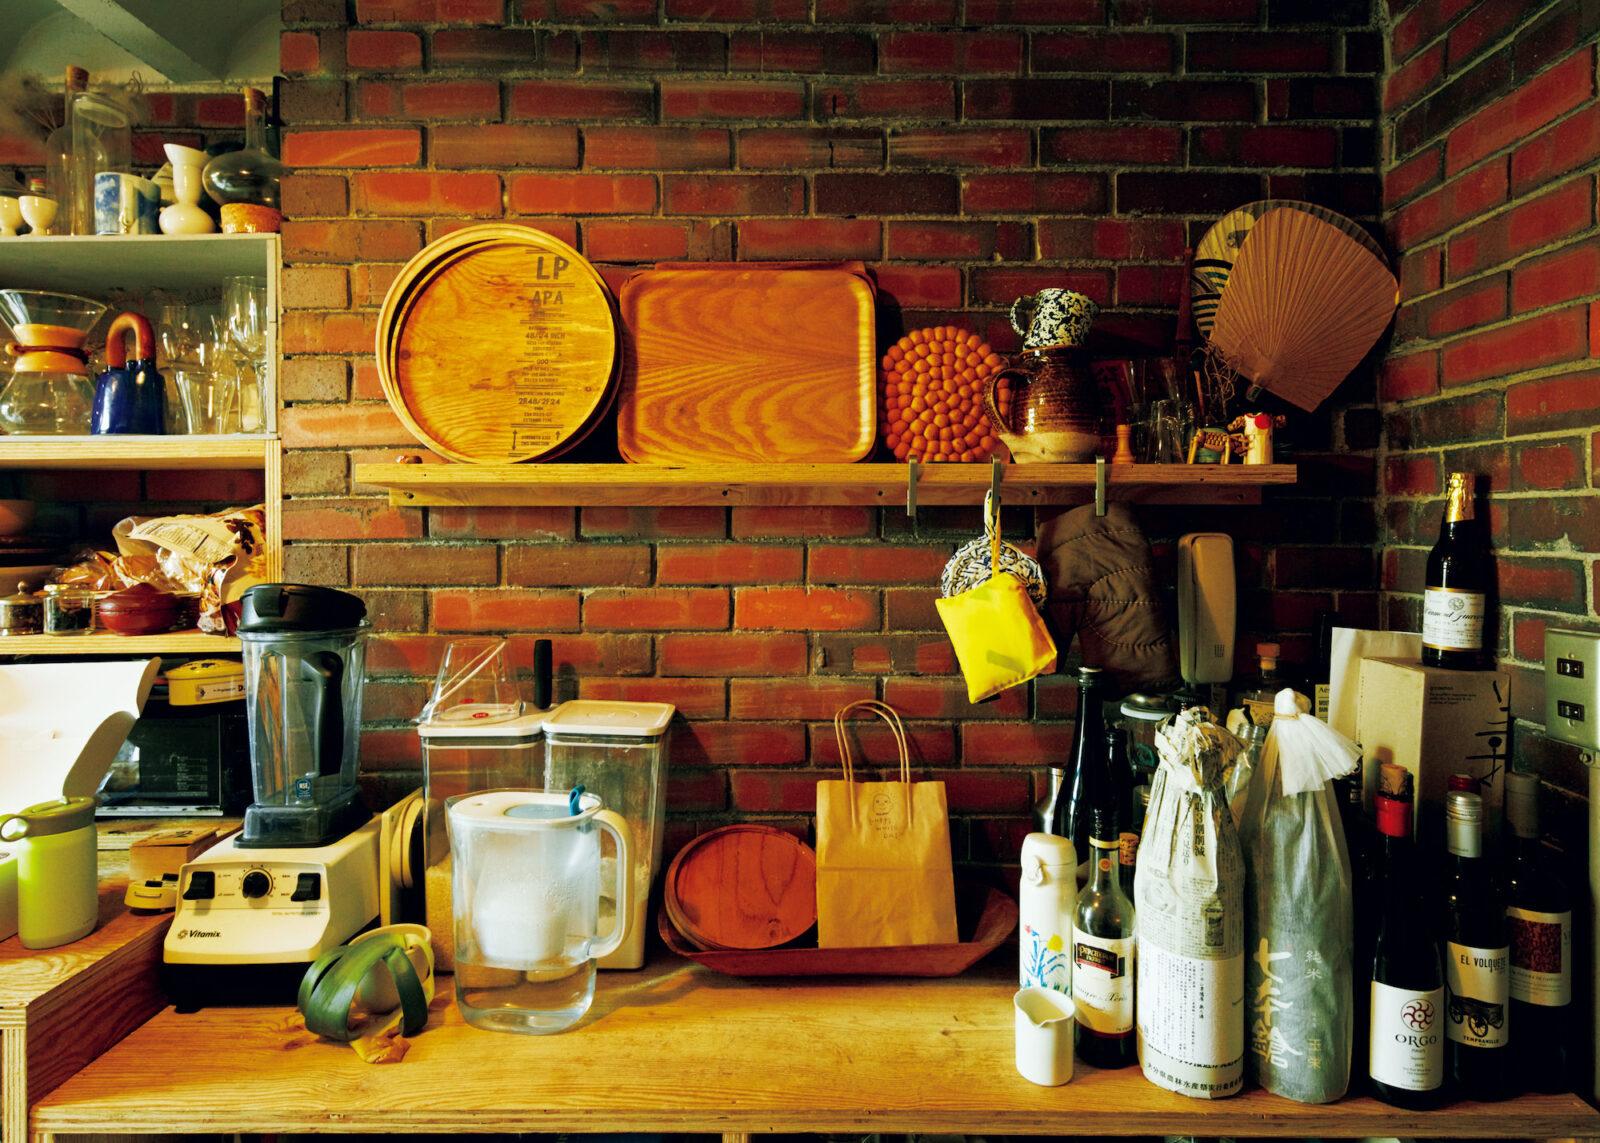 キッチンの壁はレンガ。ダイニングとの間の壁の仕上げもレンガで、完成から40年、長く使われてきたからこその味わいがある。服部さんは「おいしいもの」好きの料理上手で、家で一番好きな場所はキッチン。